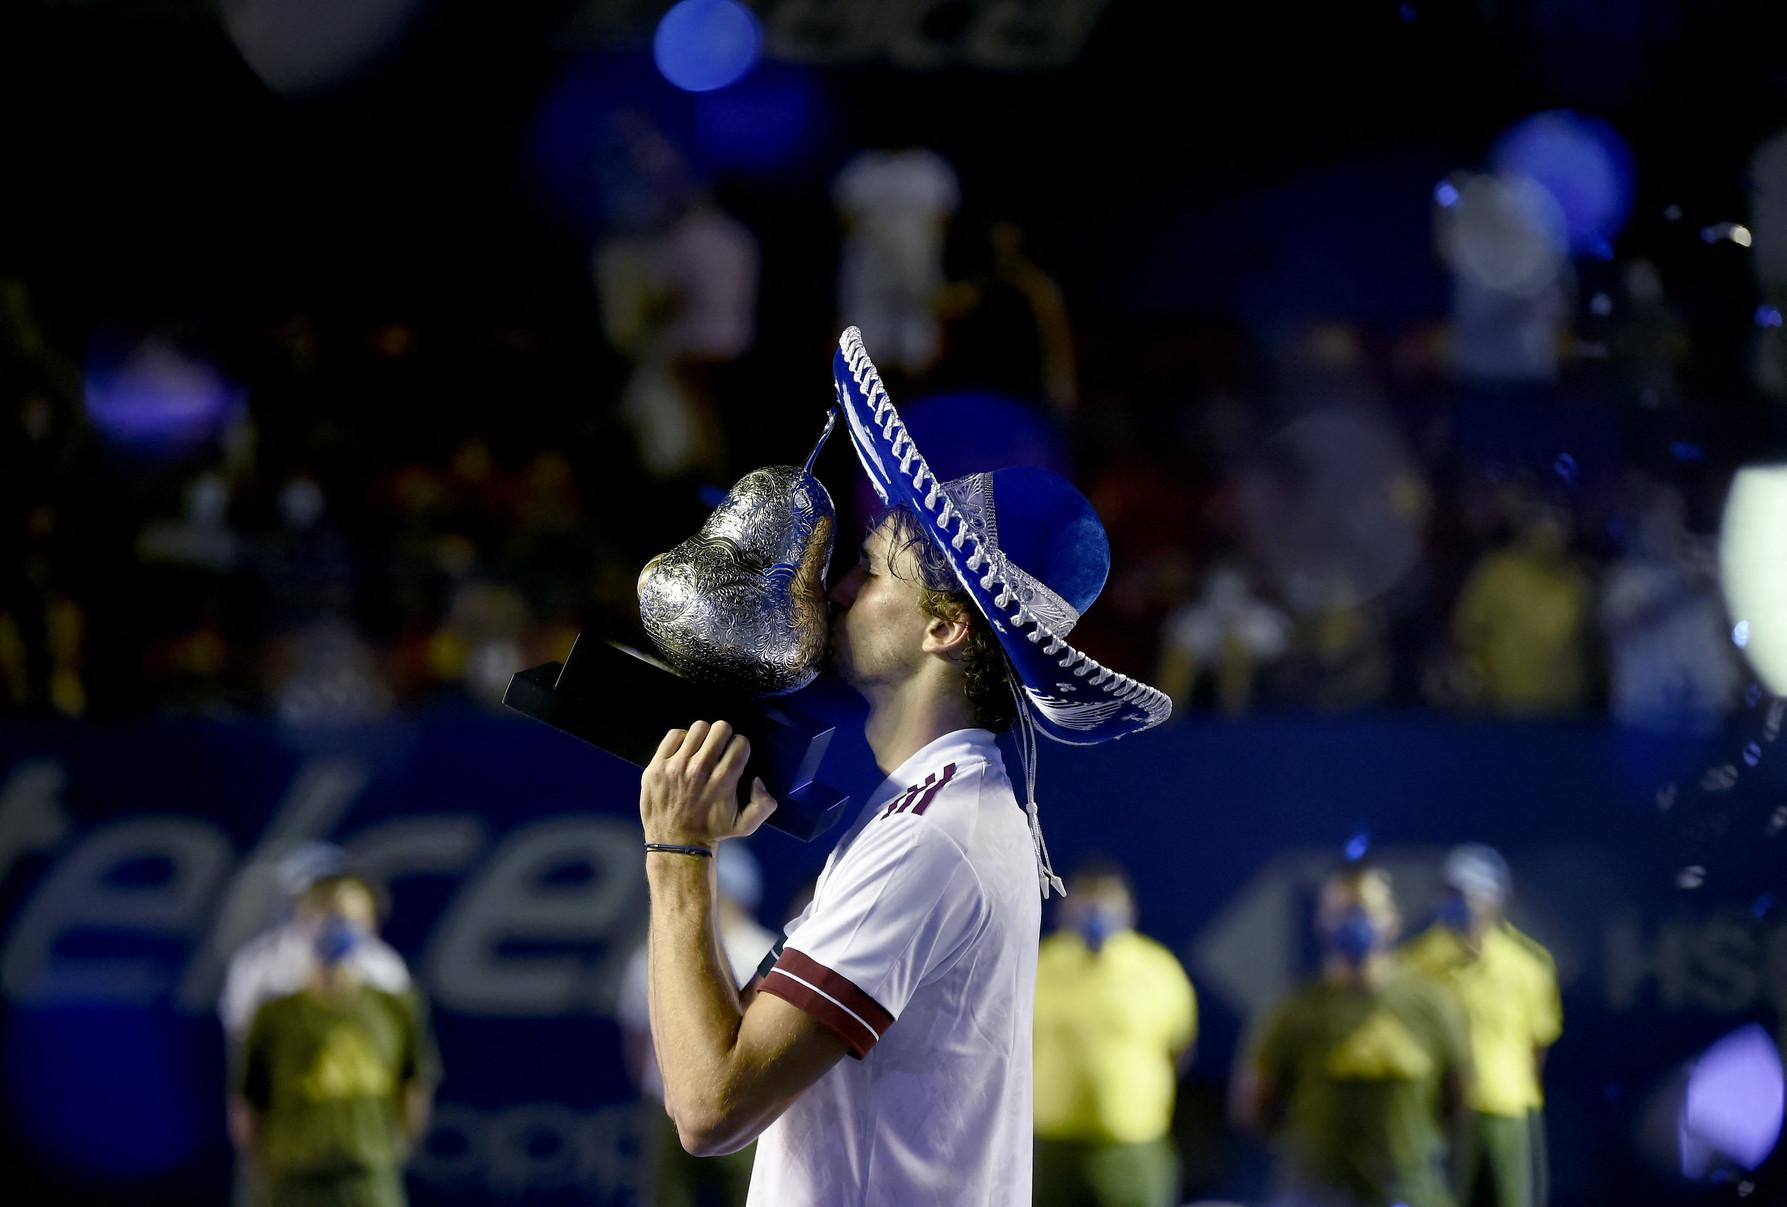 Alexander Zverev si gode per la prima volta l&#39;emozione di indossare il sombrero, l&#39;ormai classico premio per il vincitore ad Acapulco. Il tedesco, numero 7 del mondo, ha sconfitto in finale 6-4 7-6(3) il greco Stefanos Tsitsipas, numero 5 ATP. Ha conquistato cos&igrave;&nbsp;il suo 14&deg; titolo, il primo da Colonia-2 nell&#39;autunno 2020. Senza aver perso nemmeno un set lungo il percorso, ma con un successo per walkover di Casper Ruud nei quarti, Zverev ha festeggiato il suo terzo titolo in un ATP 500 dopo il bis a Washington nel 2018 e 2019.<br /><br />